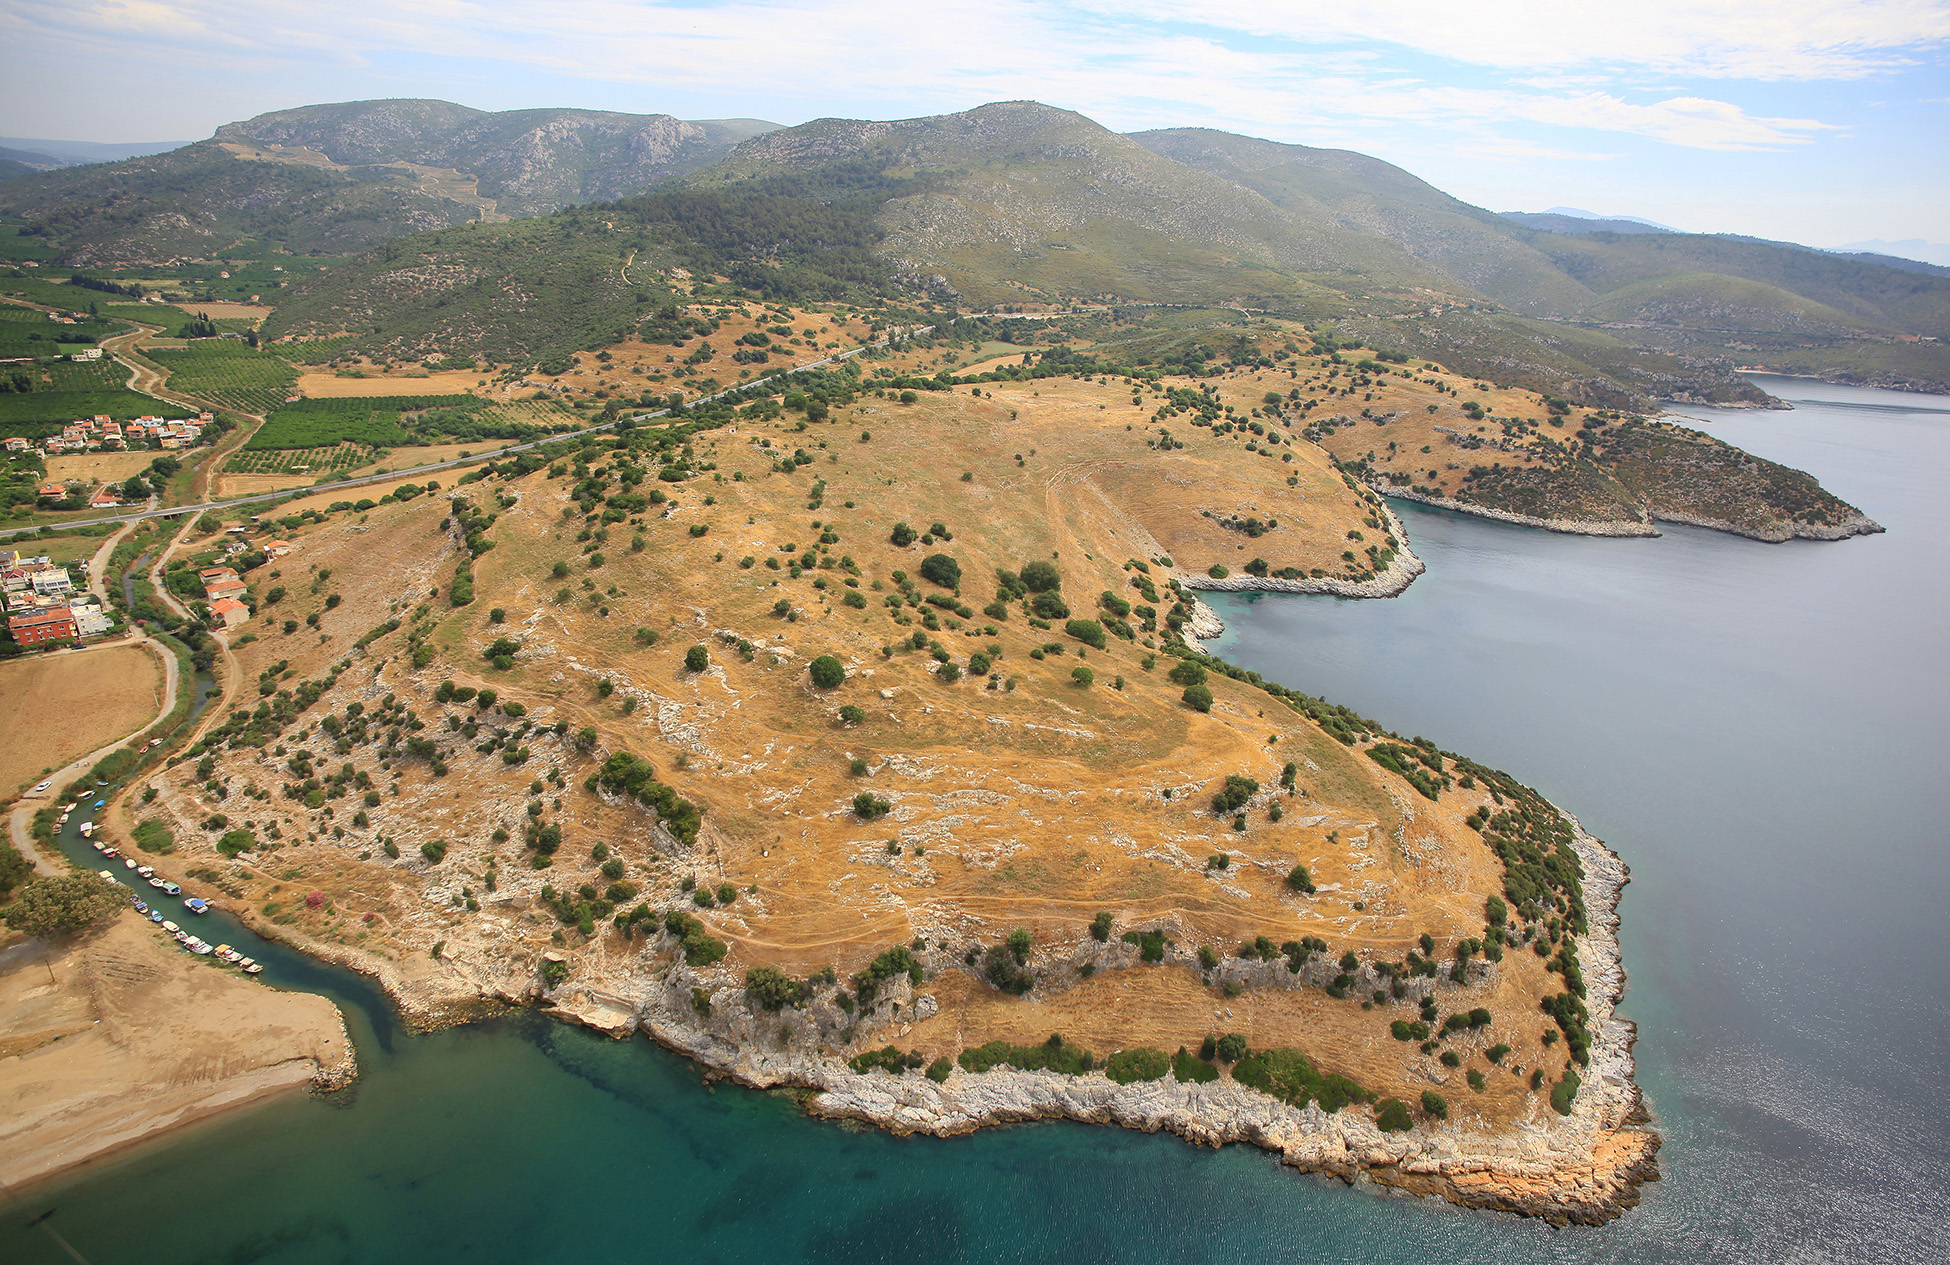 Kuzeydoğu yönünde Notion arkeolojik sit alanının, batı'da Hales Nehri ile birlikte havadan görünüşü